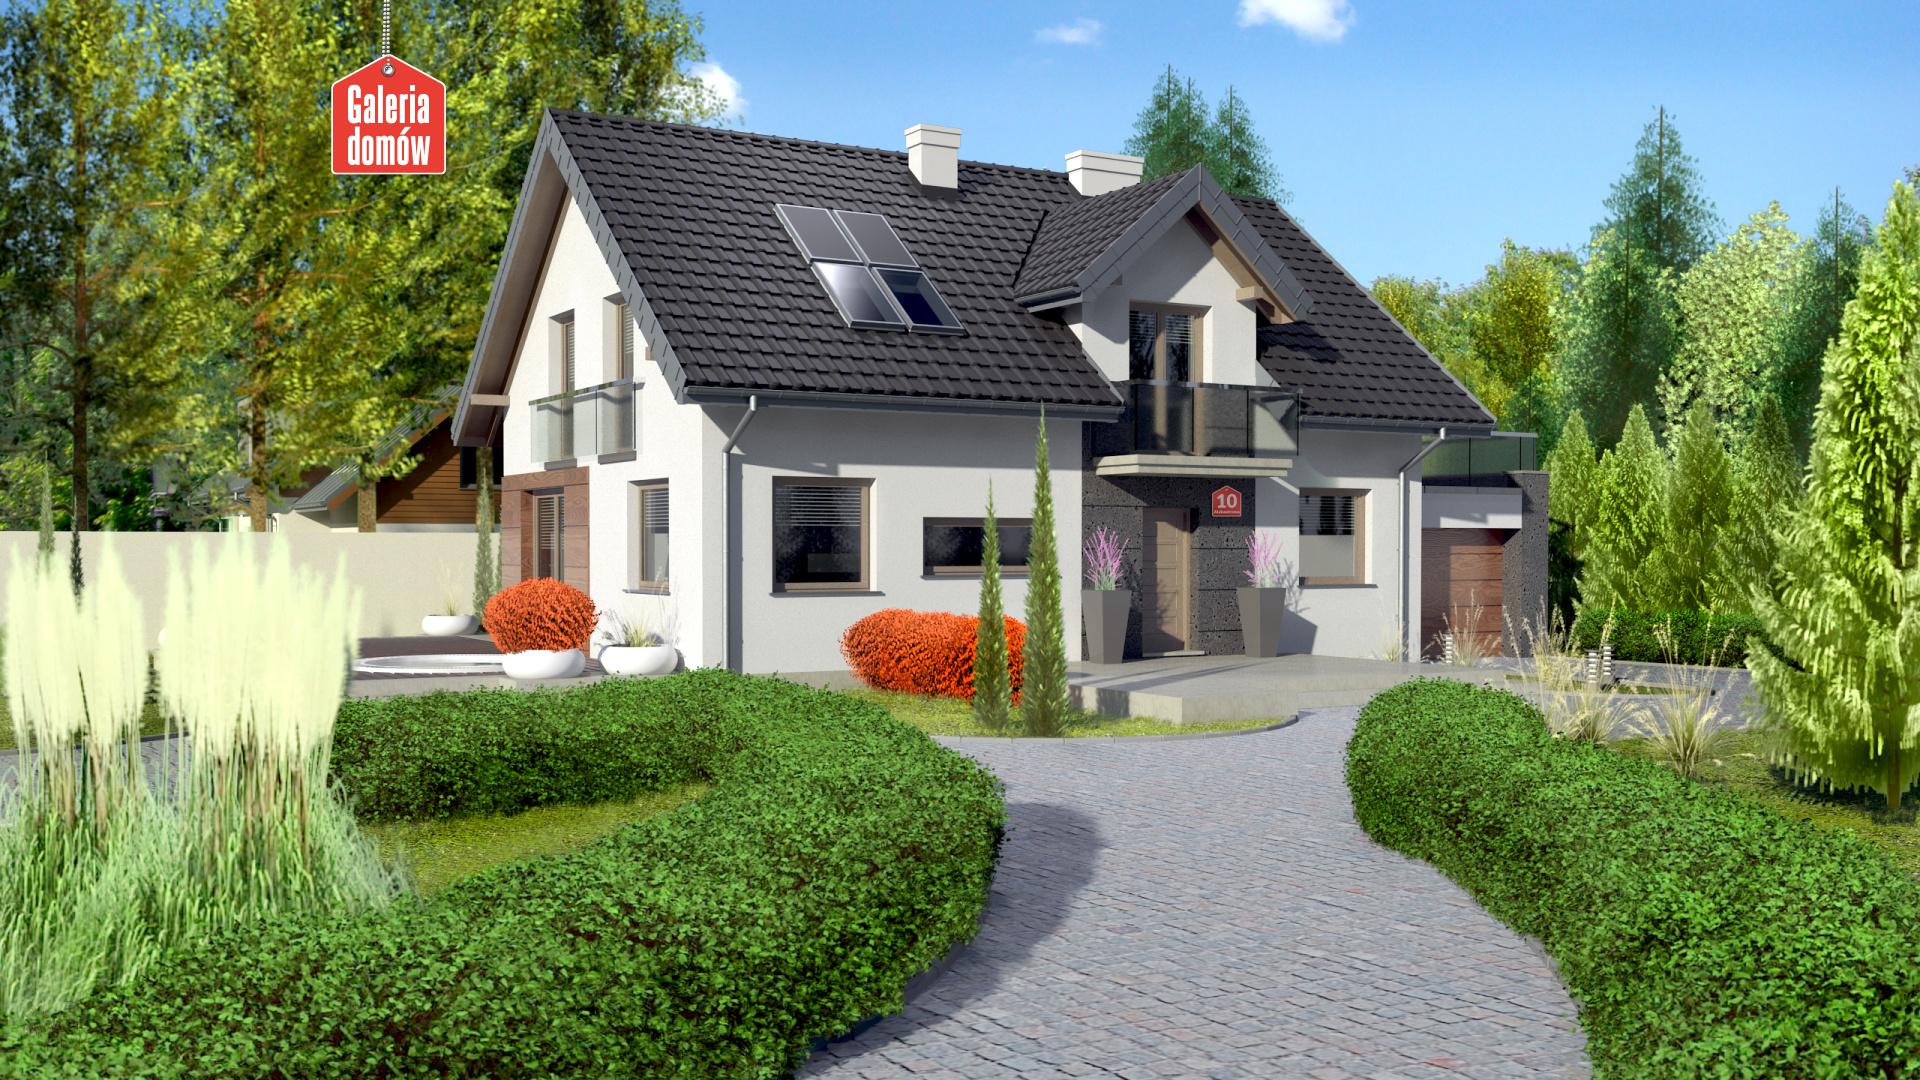 Dom przy Alabastrowej 10 - zdjęcie projektu i wizualizacja